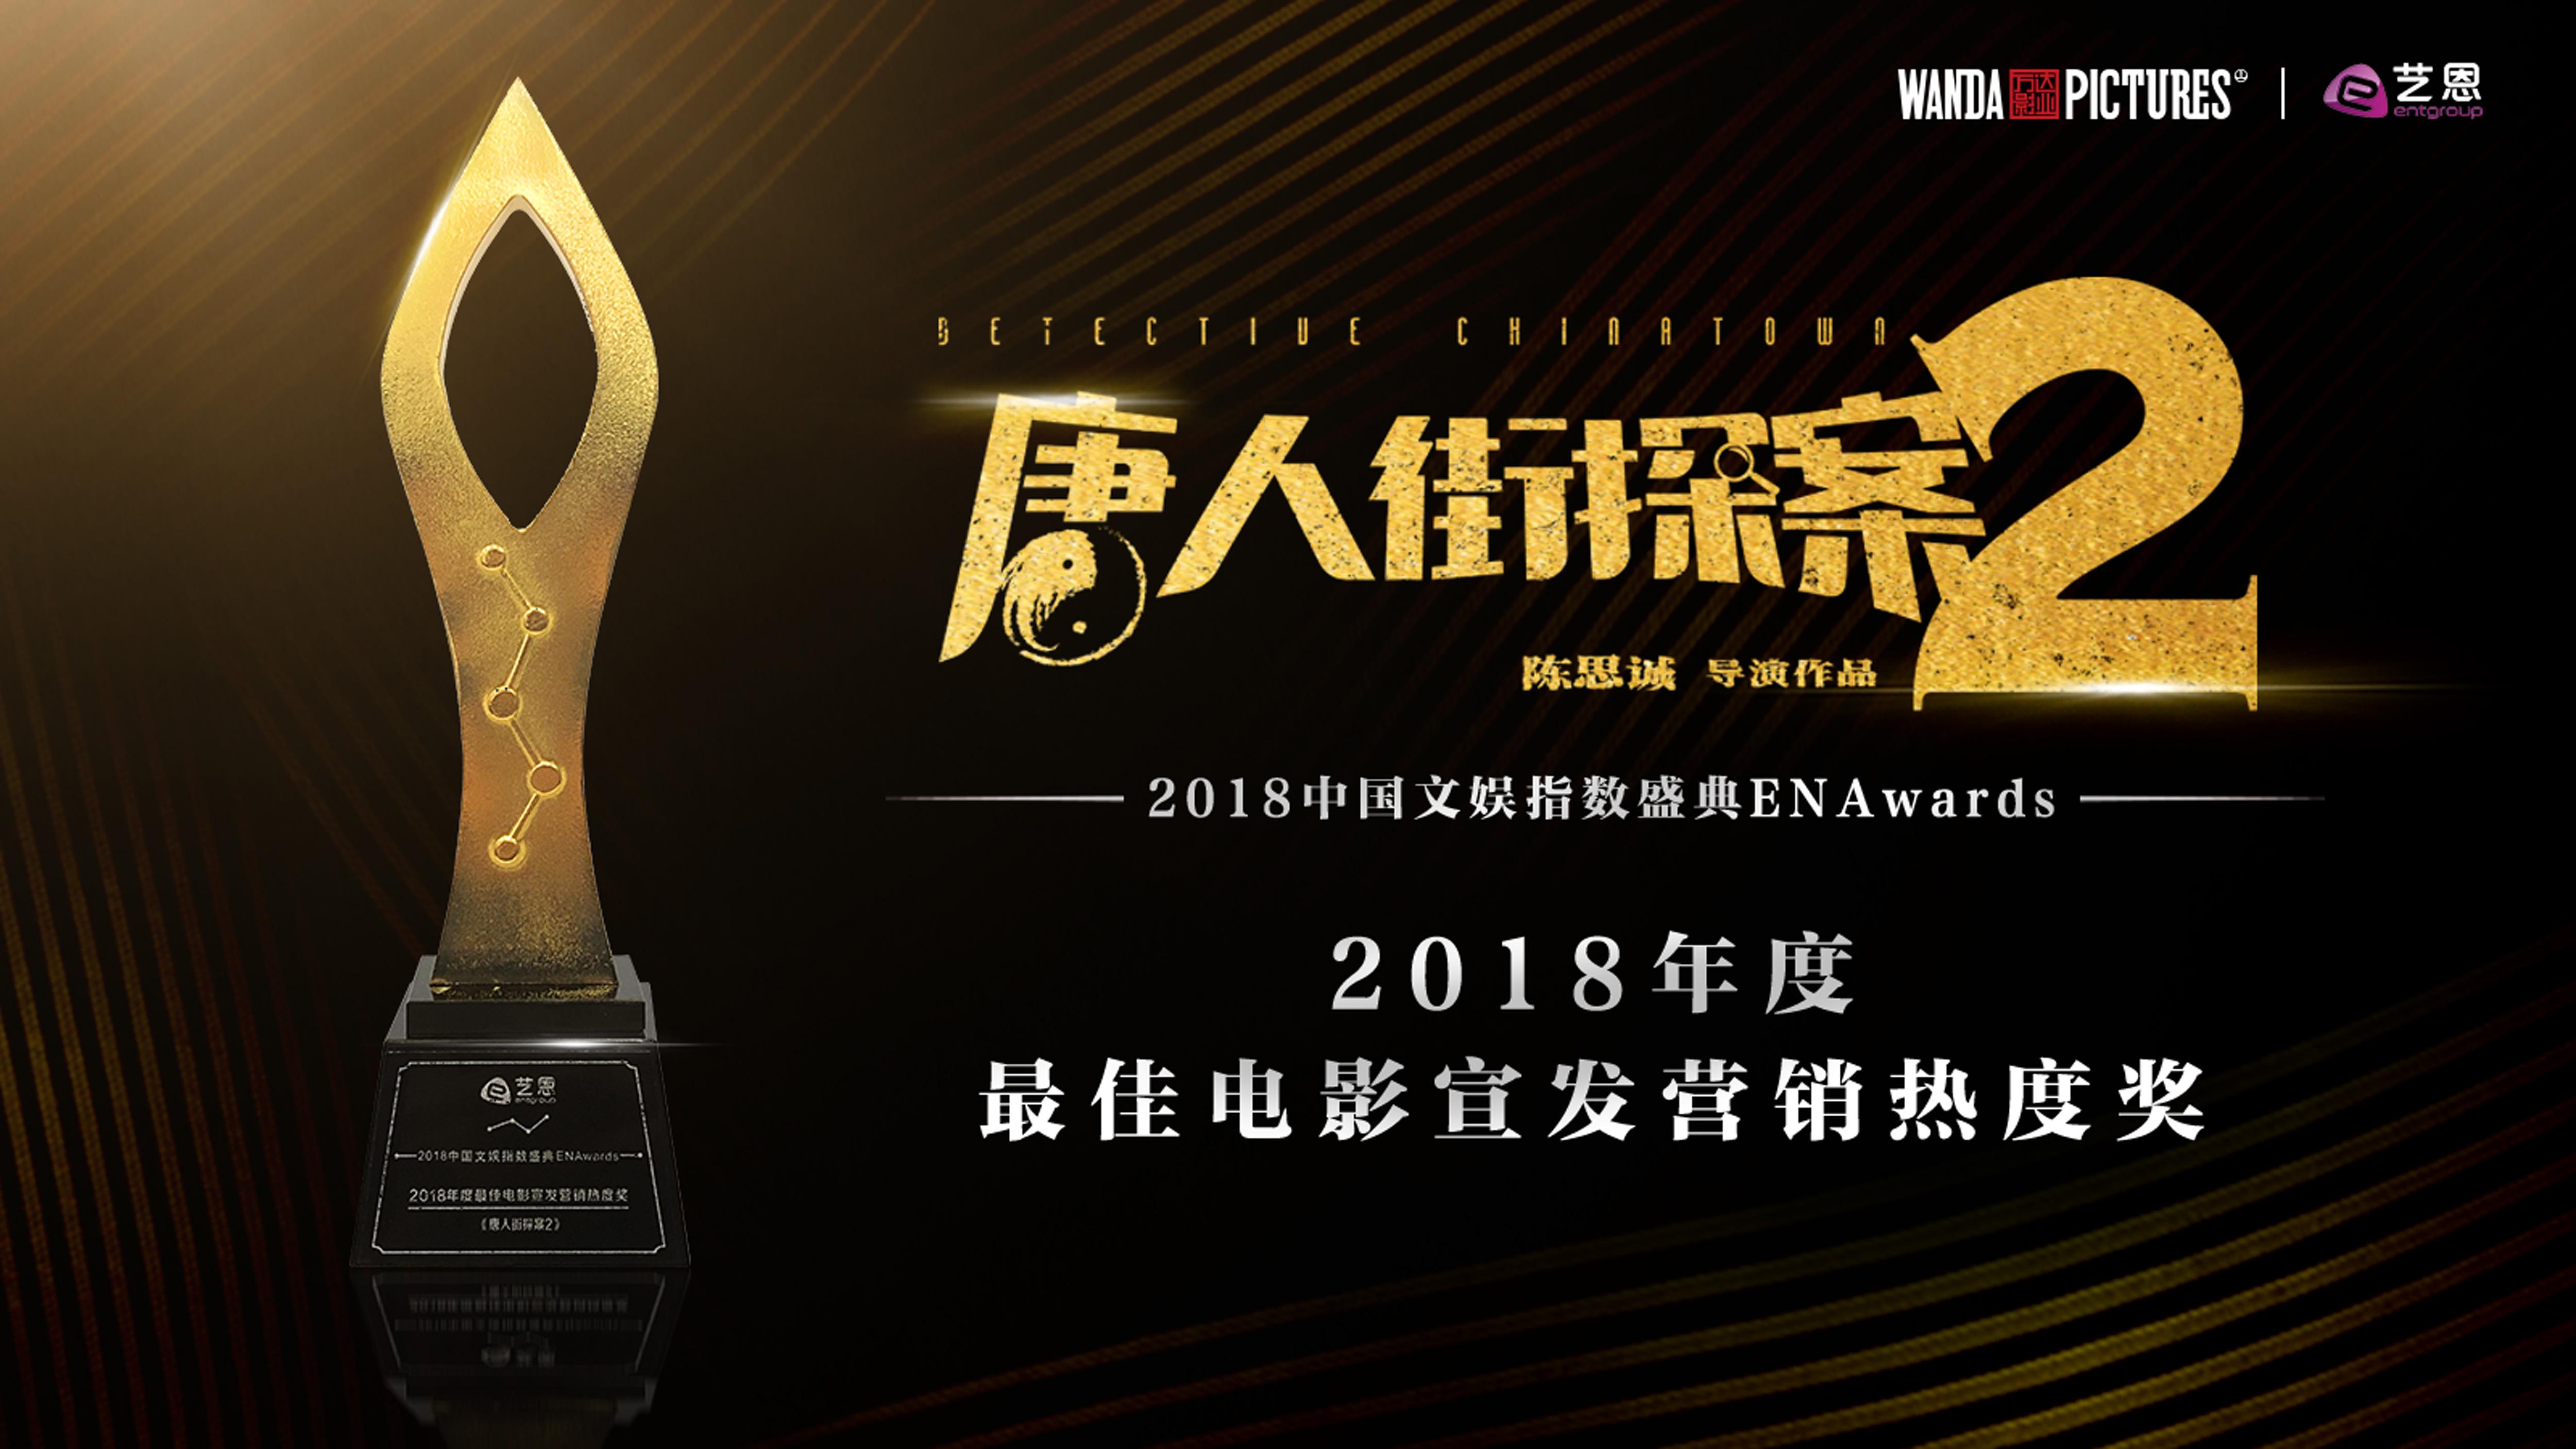 """万达影视《唐探2》获艺恩""""最佳电影宣发营销热度奖"""""""